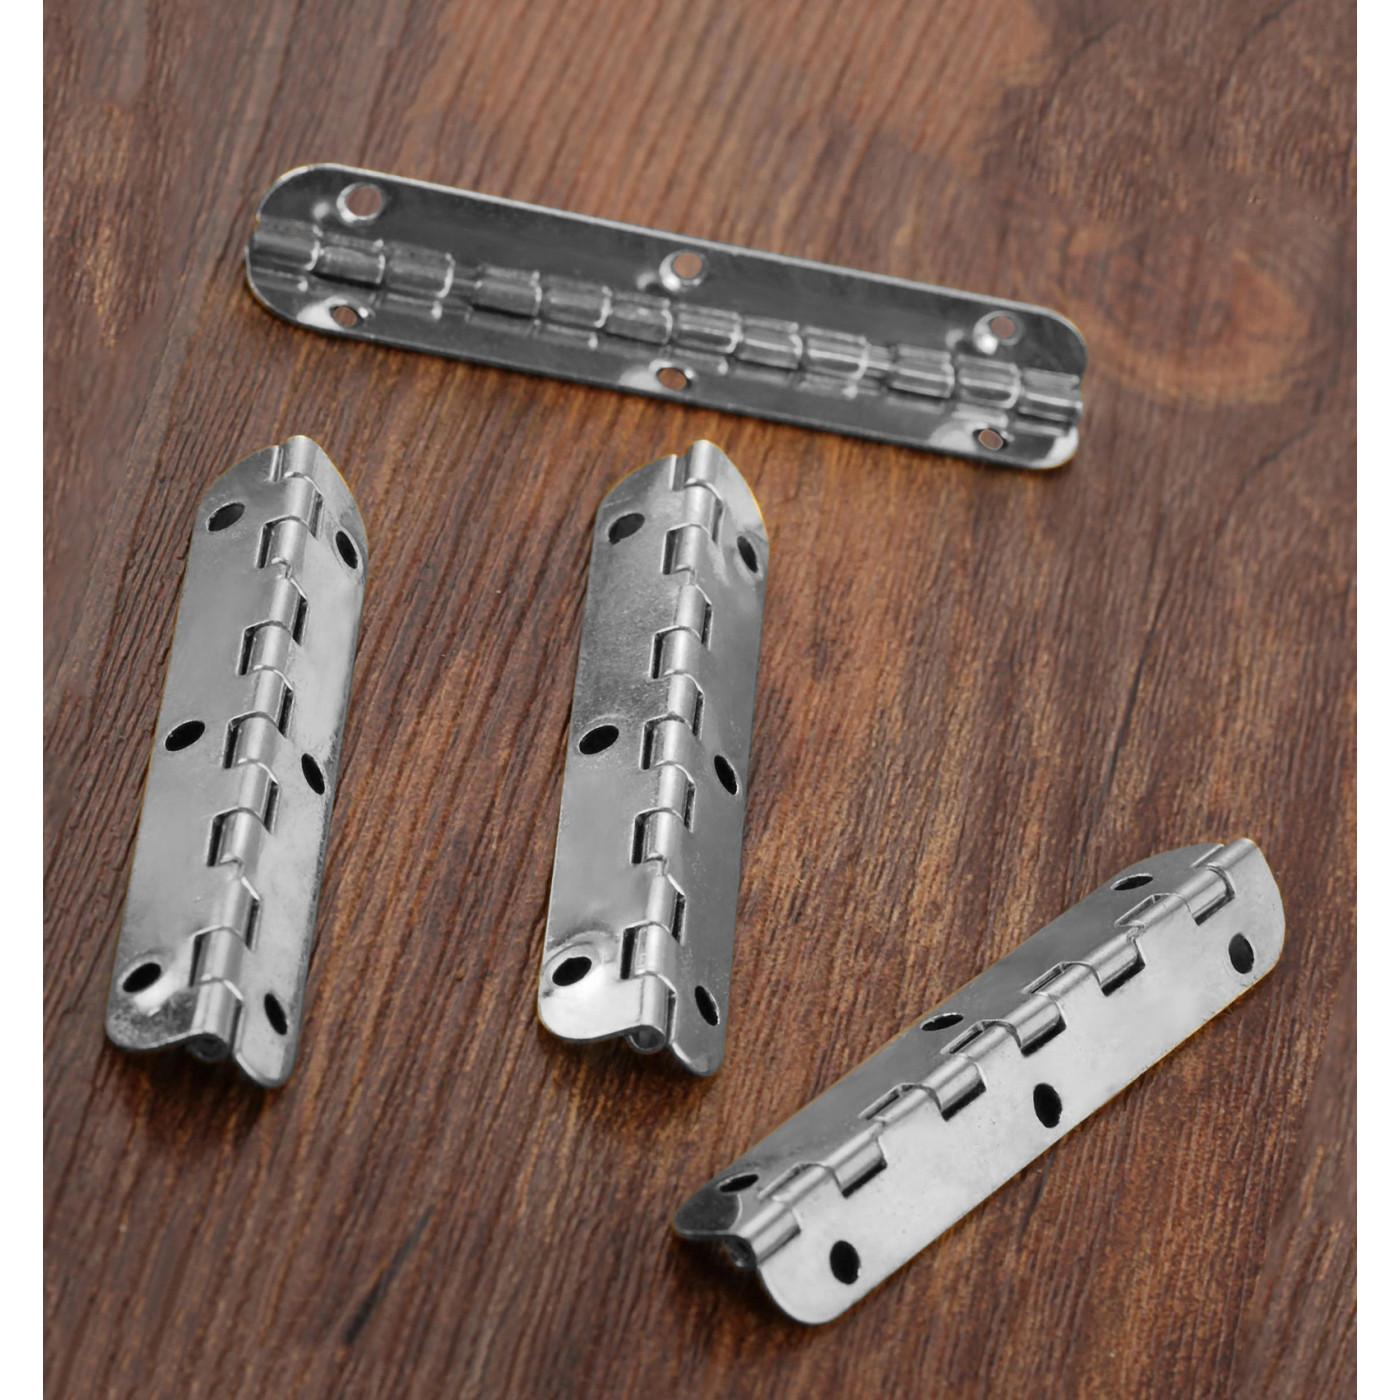 Set van 10 lange scharniertjes, (6,5 cm lang, zilver, max 90